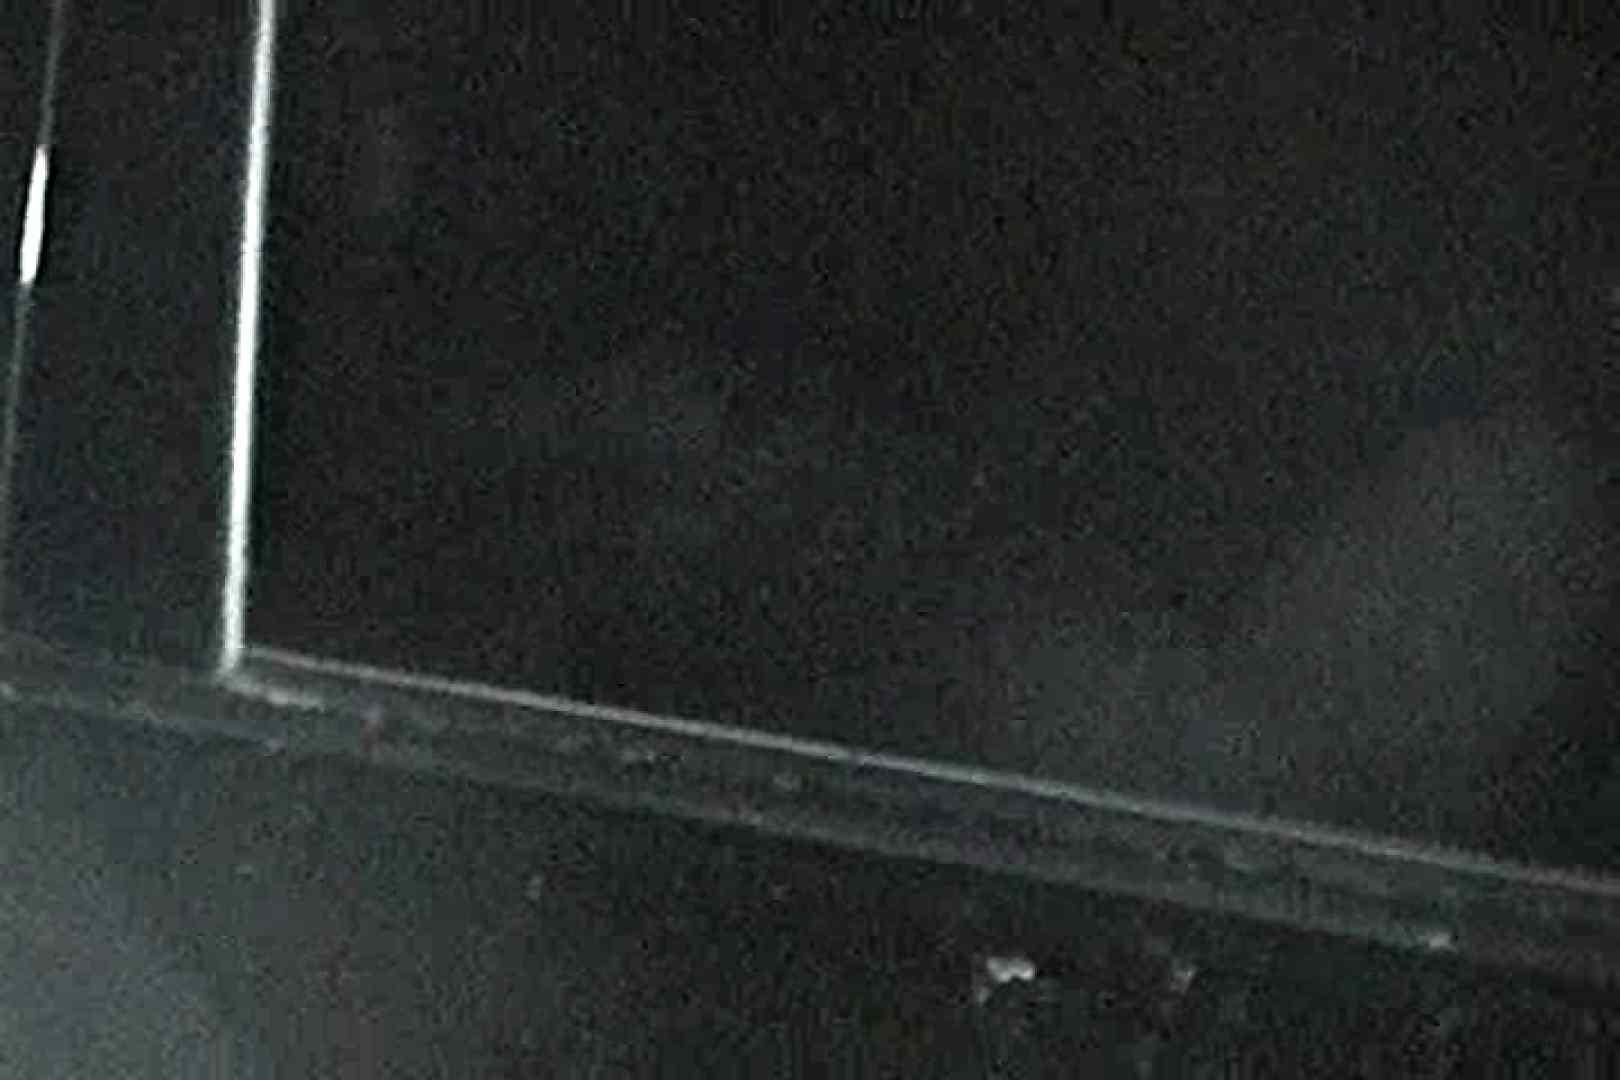 充血監督の深夜の運動会Vol.3 車 盗み撮り動画キャプチャ 28連発 3